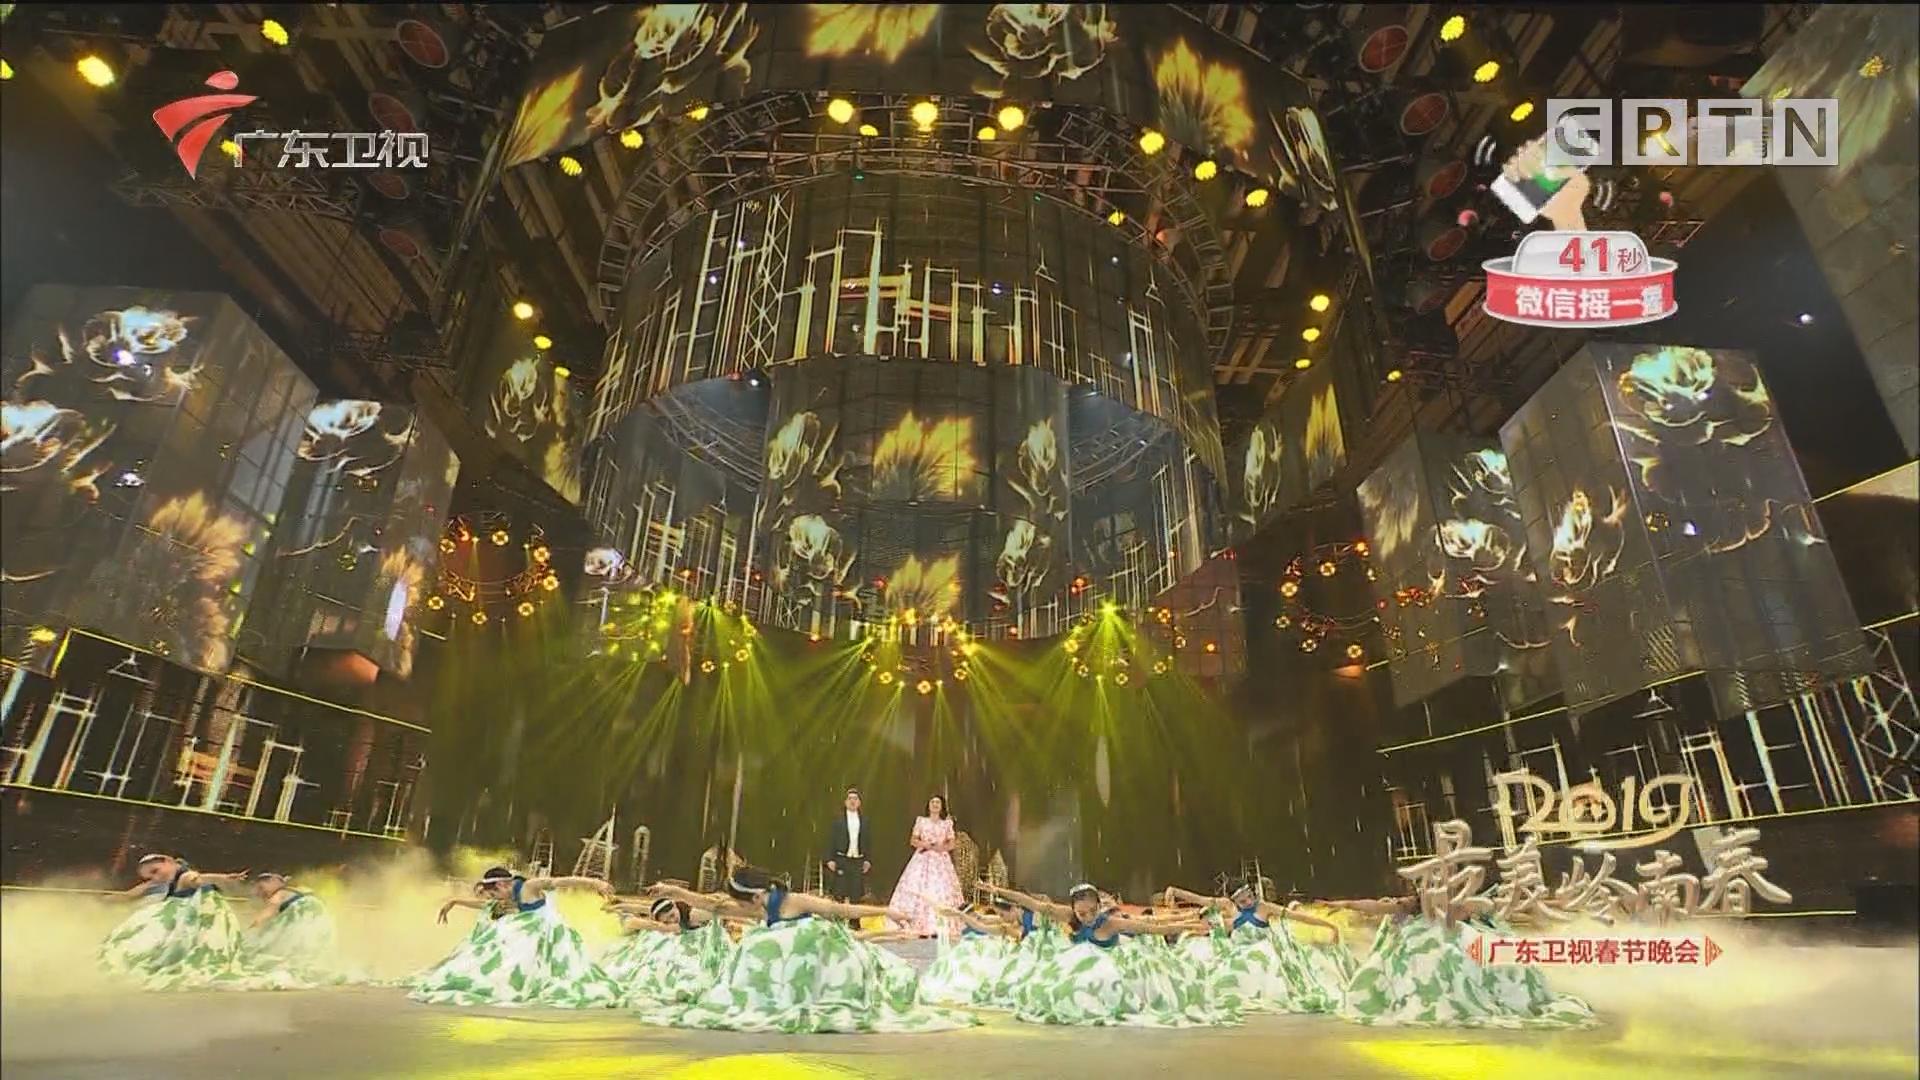 杨岩崔峥嵘2019广东春晚献唱《走近南方》,你感受到南方魅力了吗